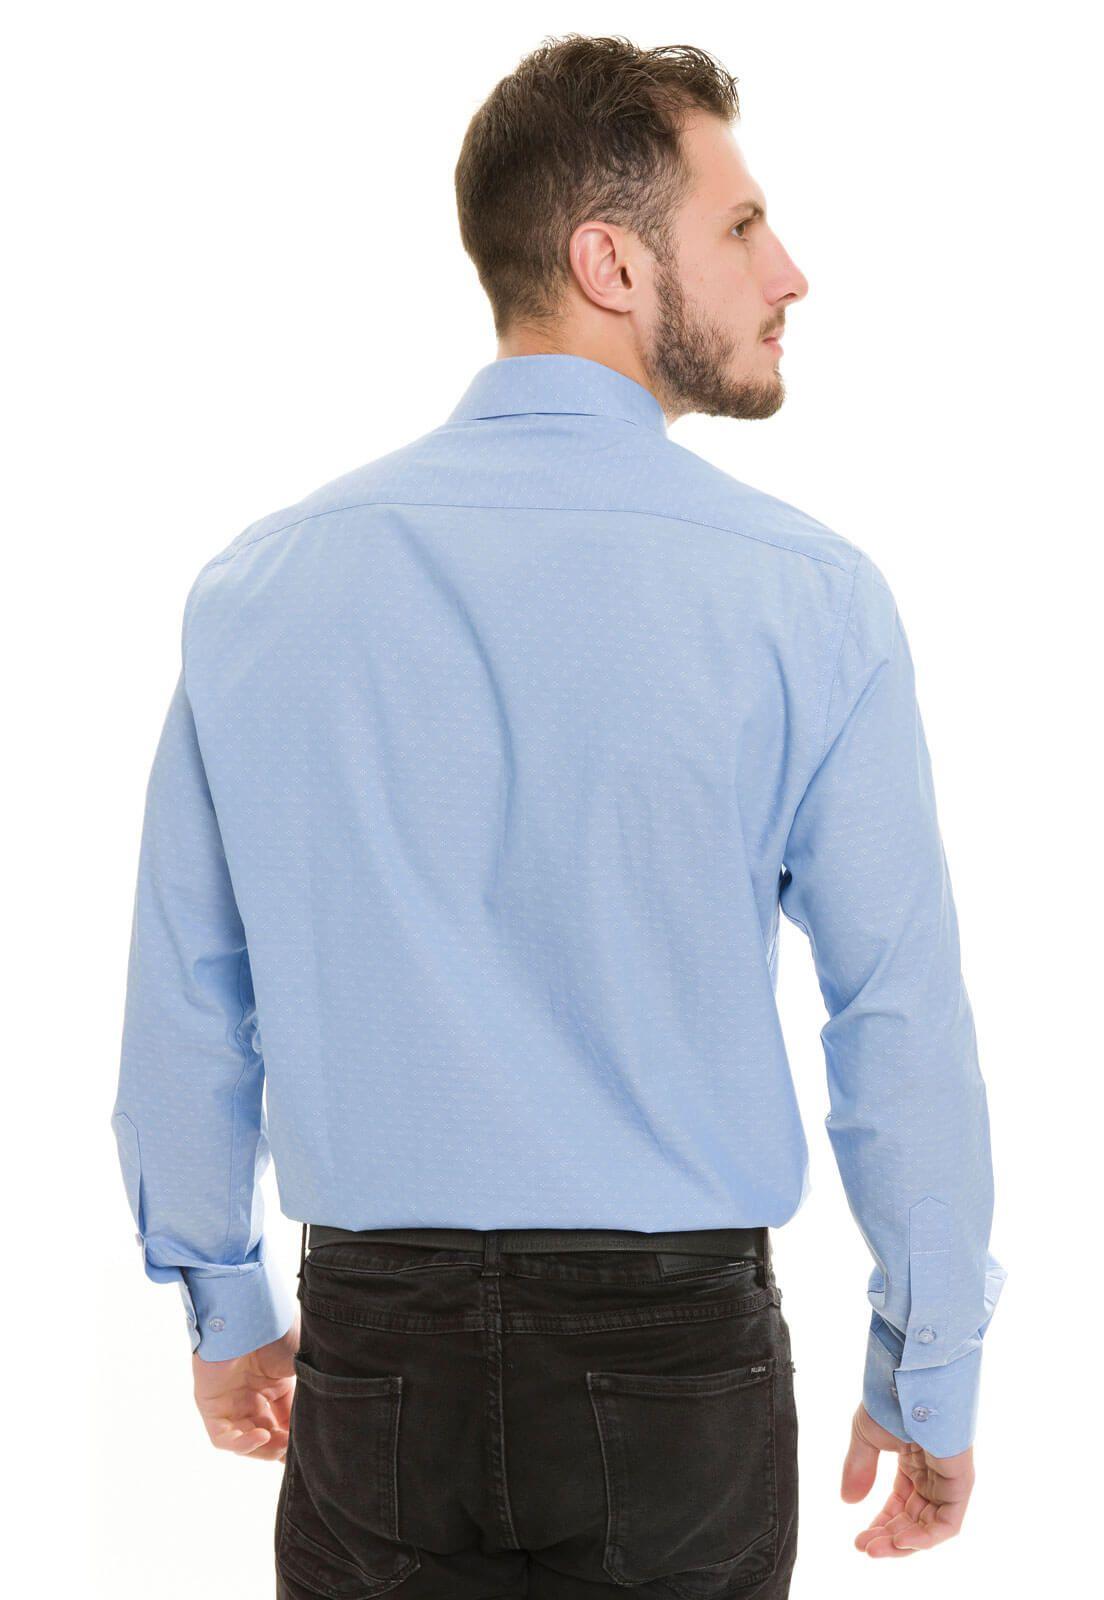 Camisa Social Slim Olimpo Maquinetada 100% Algodão Fio 50 Manga Longa